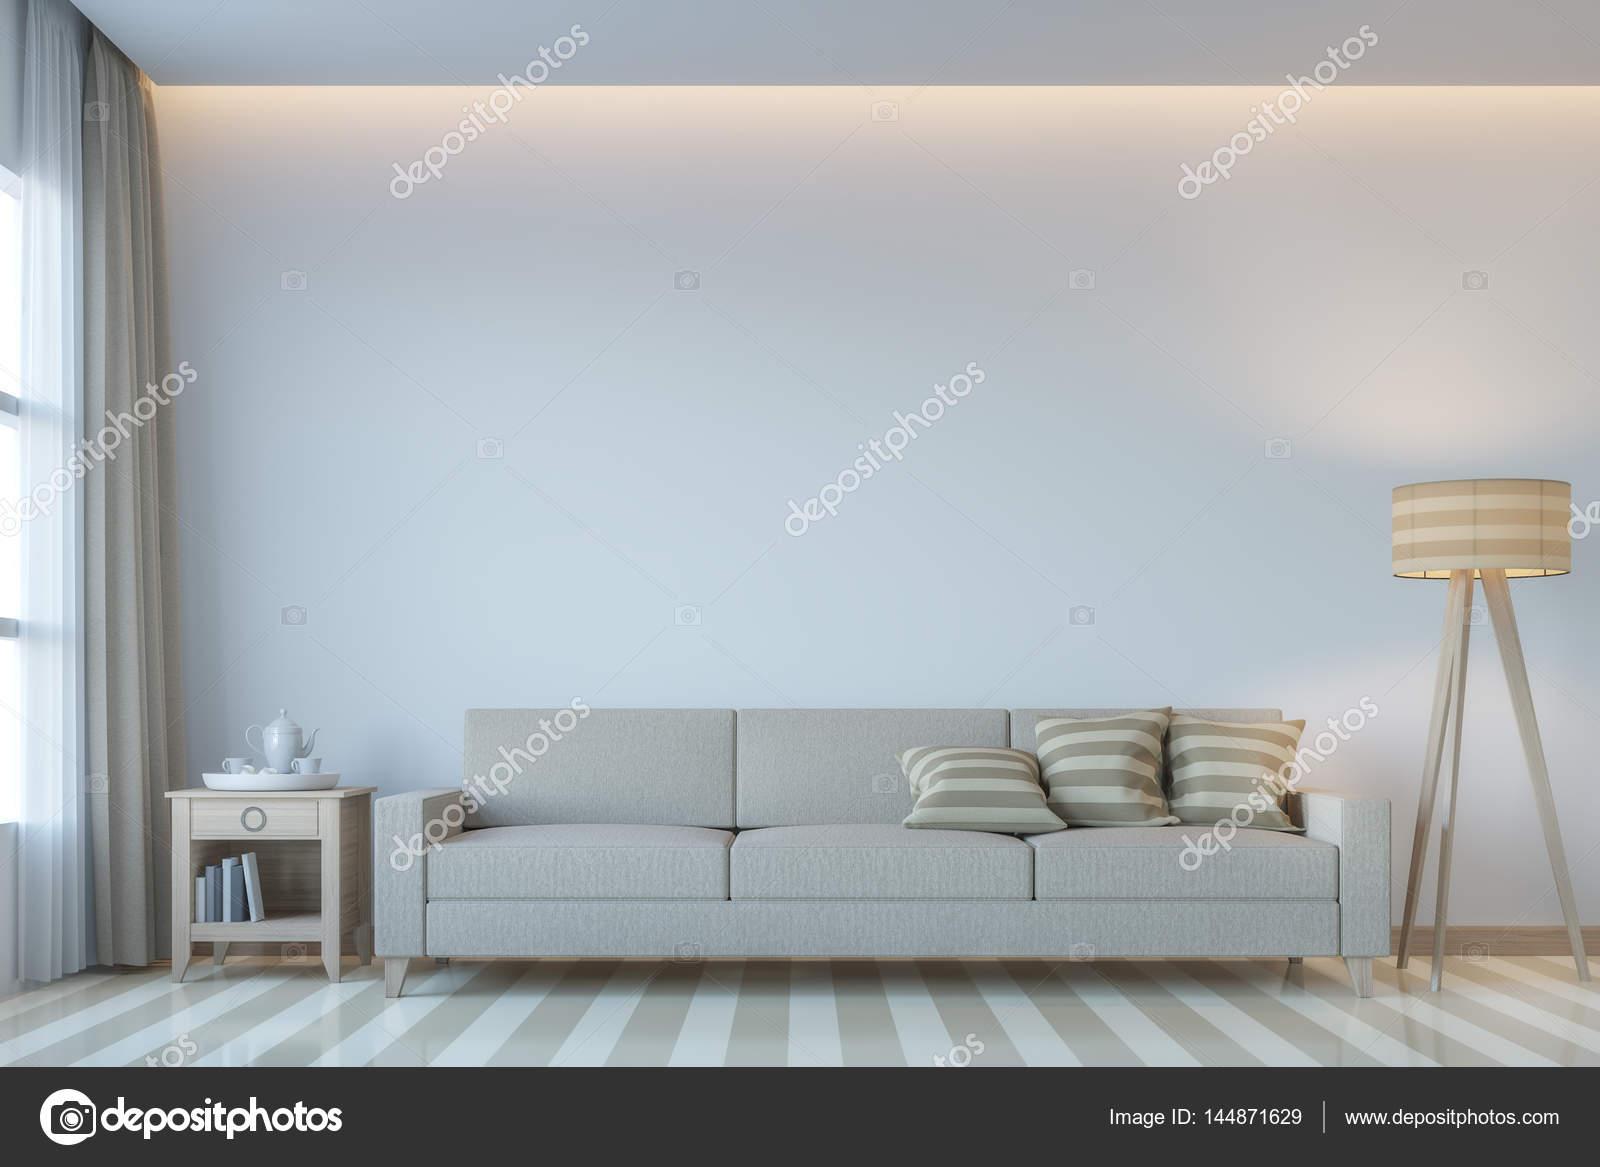 Moderne Weiße Wohnzimmer Minimalstil 3D Rendering Image.There Weiße Leere  Wand. Dekorieren Sie Zimmer Mit Hellen Klangfarbe Und Verborgene Licht An  Decke ...